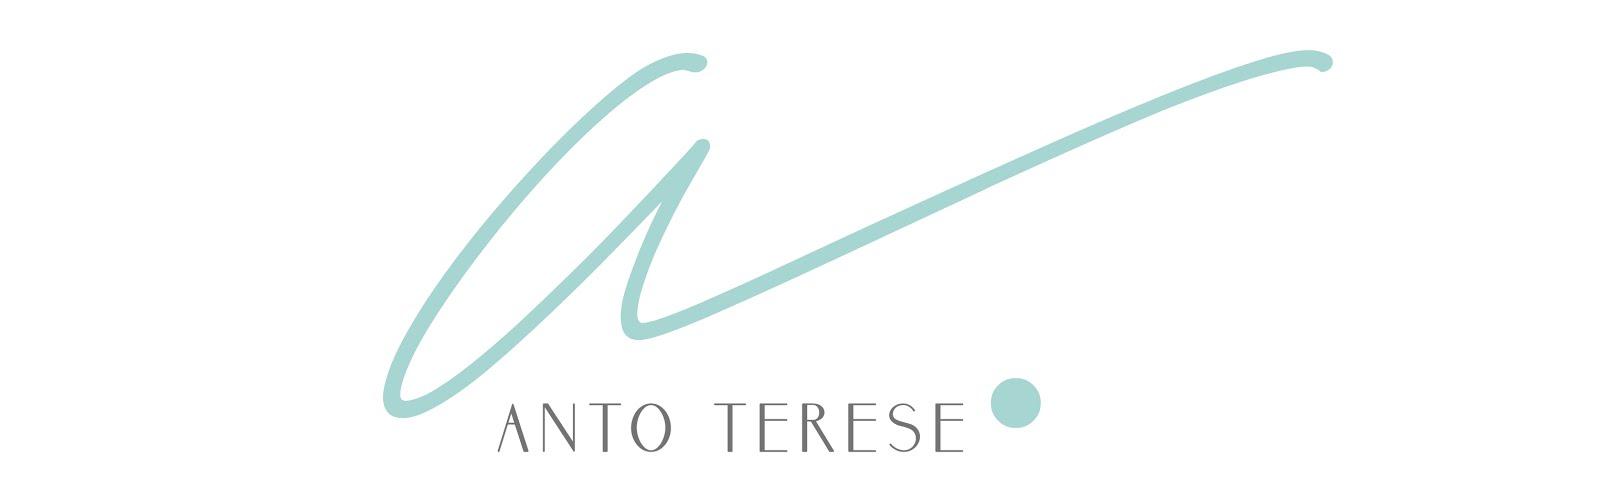 ANTO TERESE